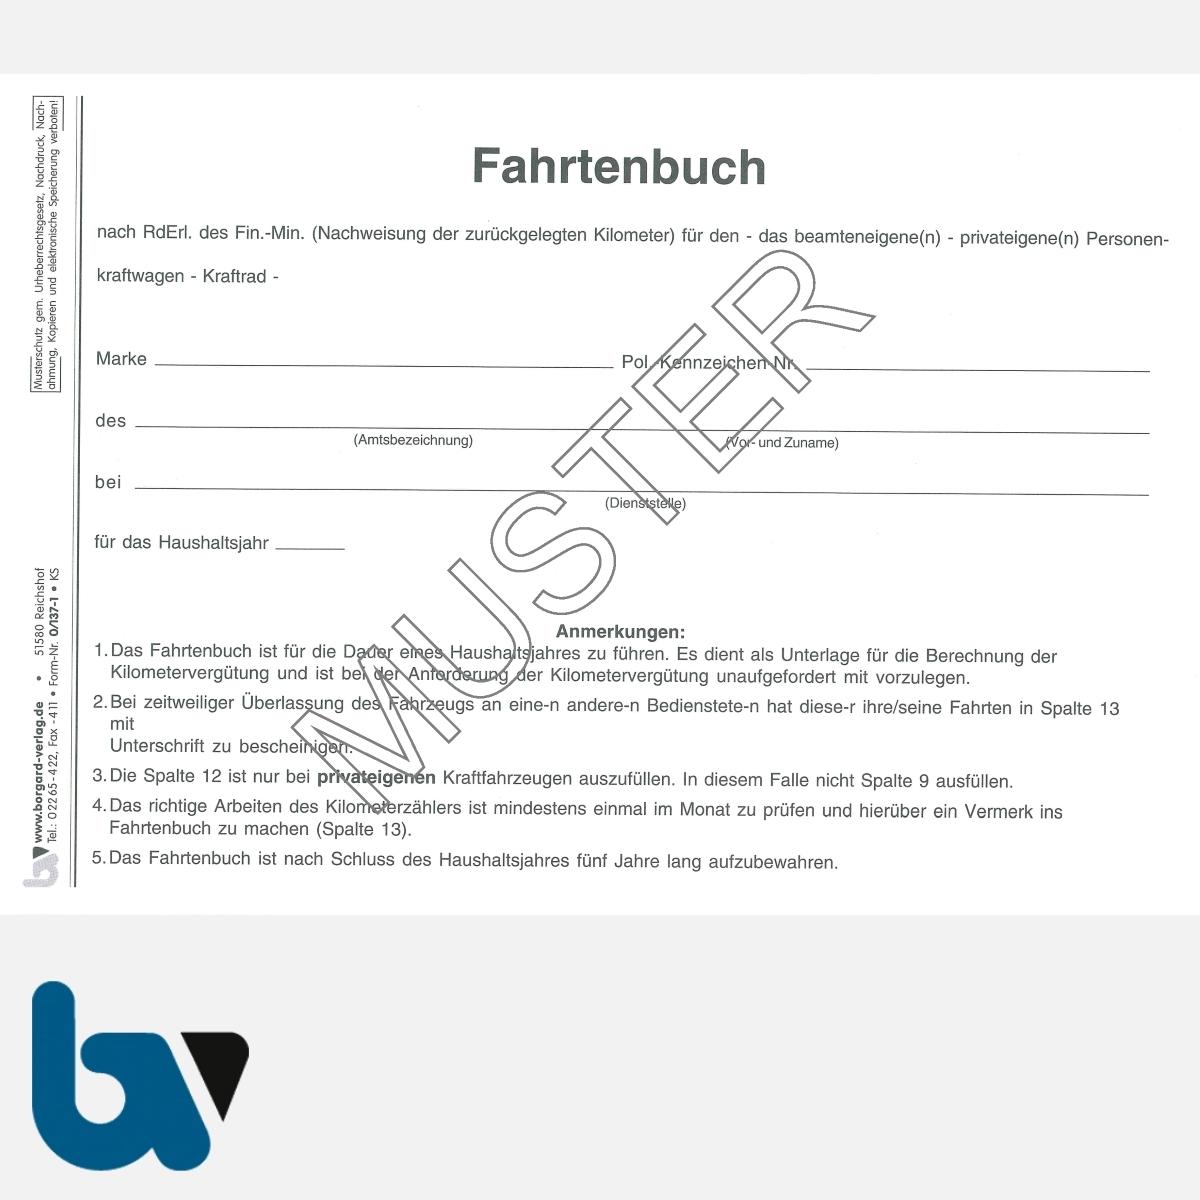 0/137-1 Fahrtenbuch beamteneigene privateigene Fahrzeug Dienstreise dienstlich Verwaltung Behörde DIN A5 Seite 2 | Borgard Verlag GmbH